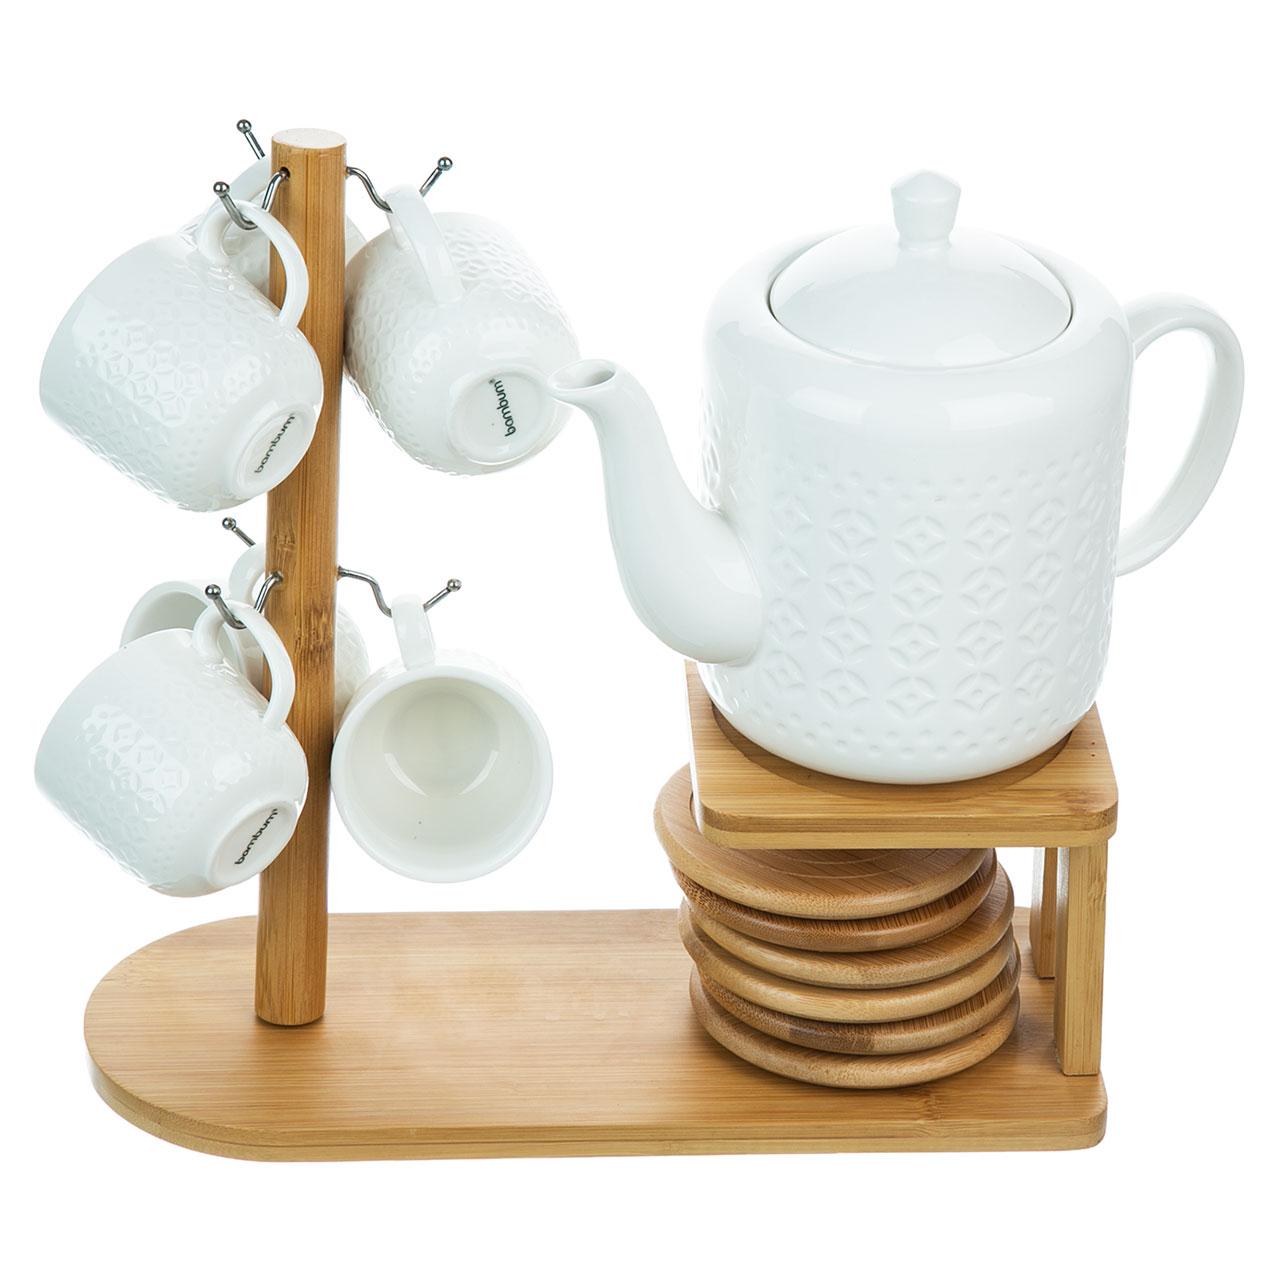 عکس سرویس 15 پارچه چای خوری بامبوم مدل Sencha BB2810